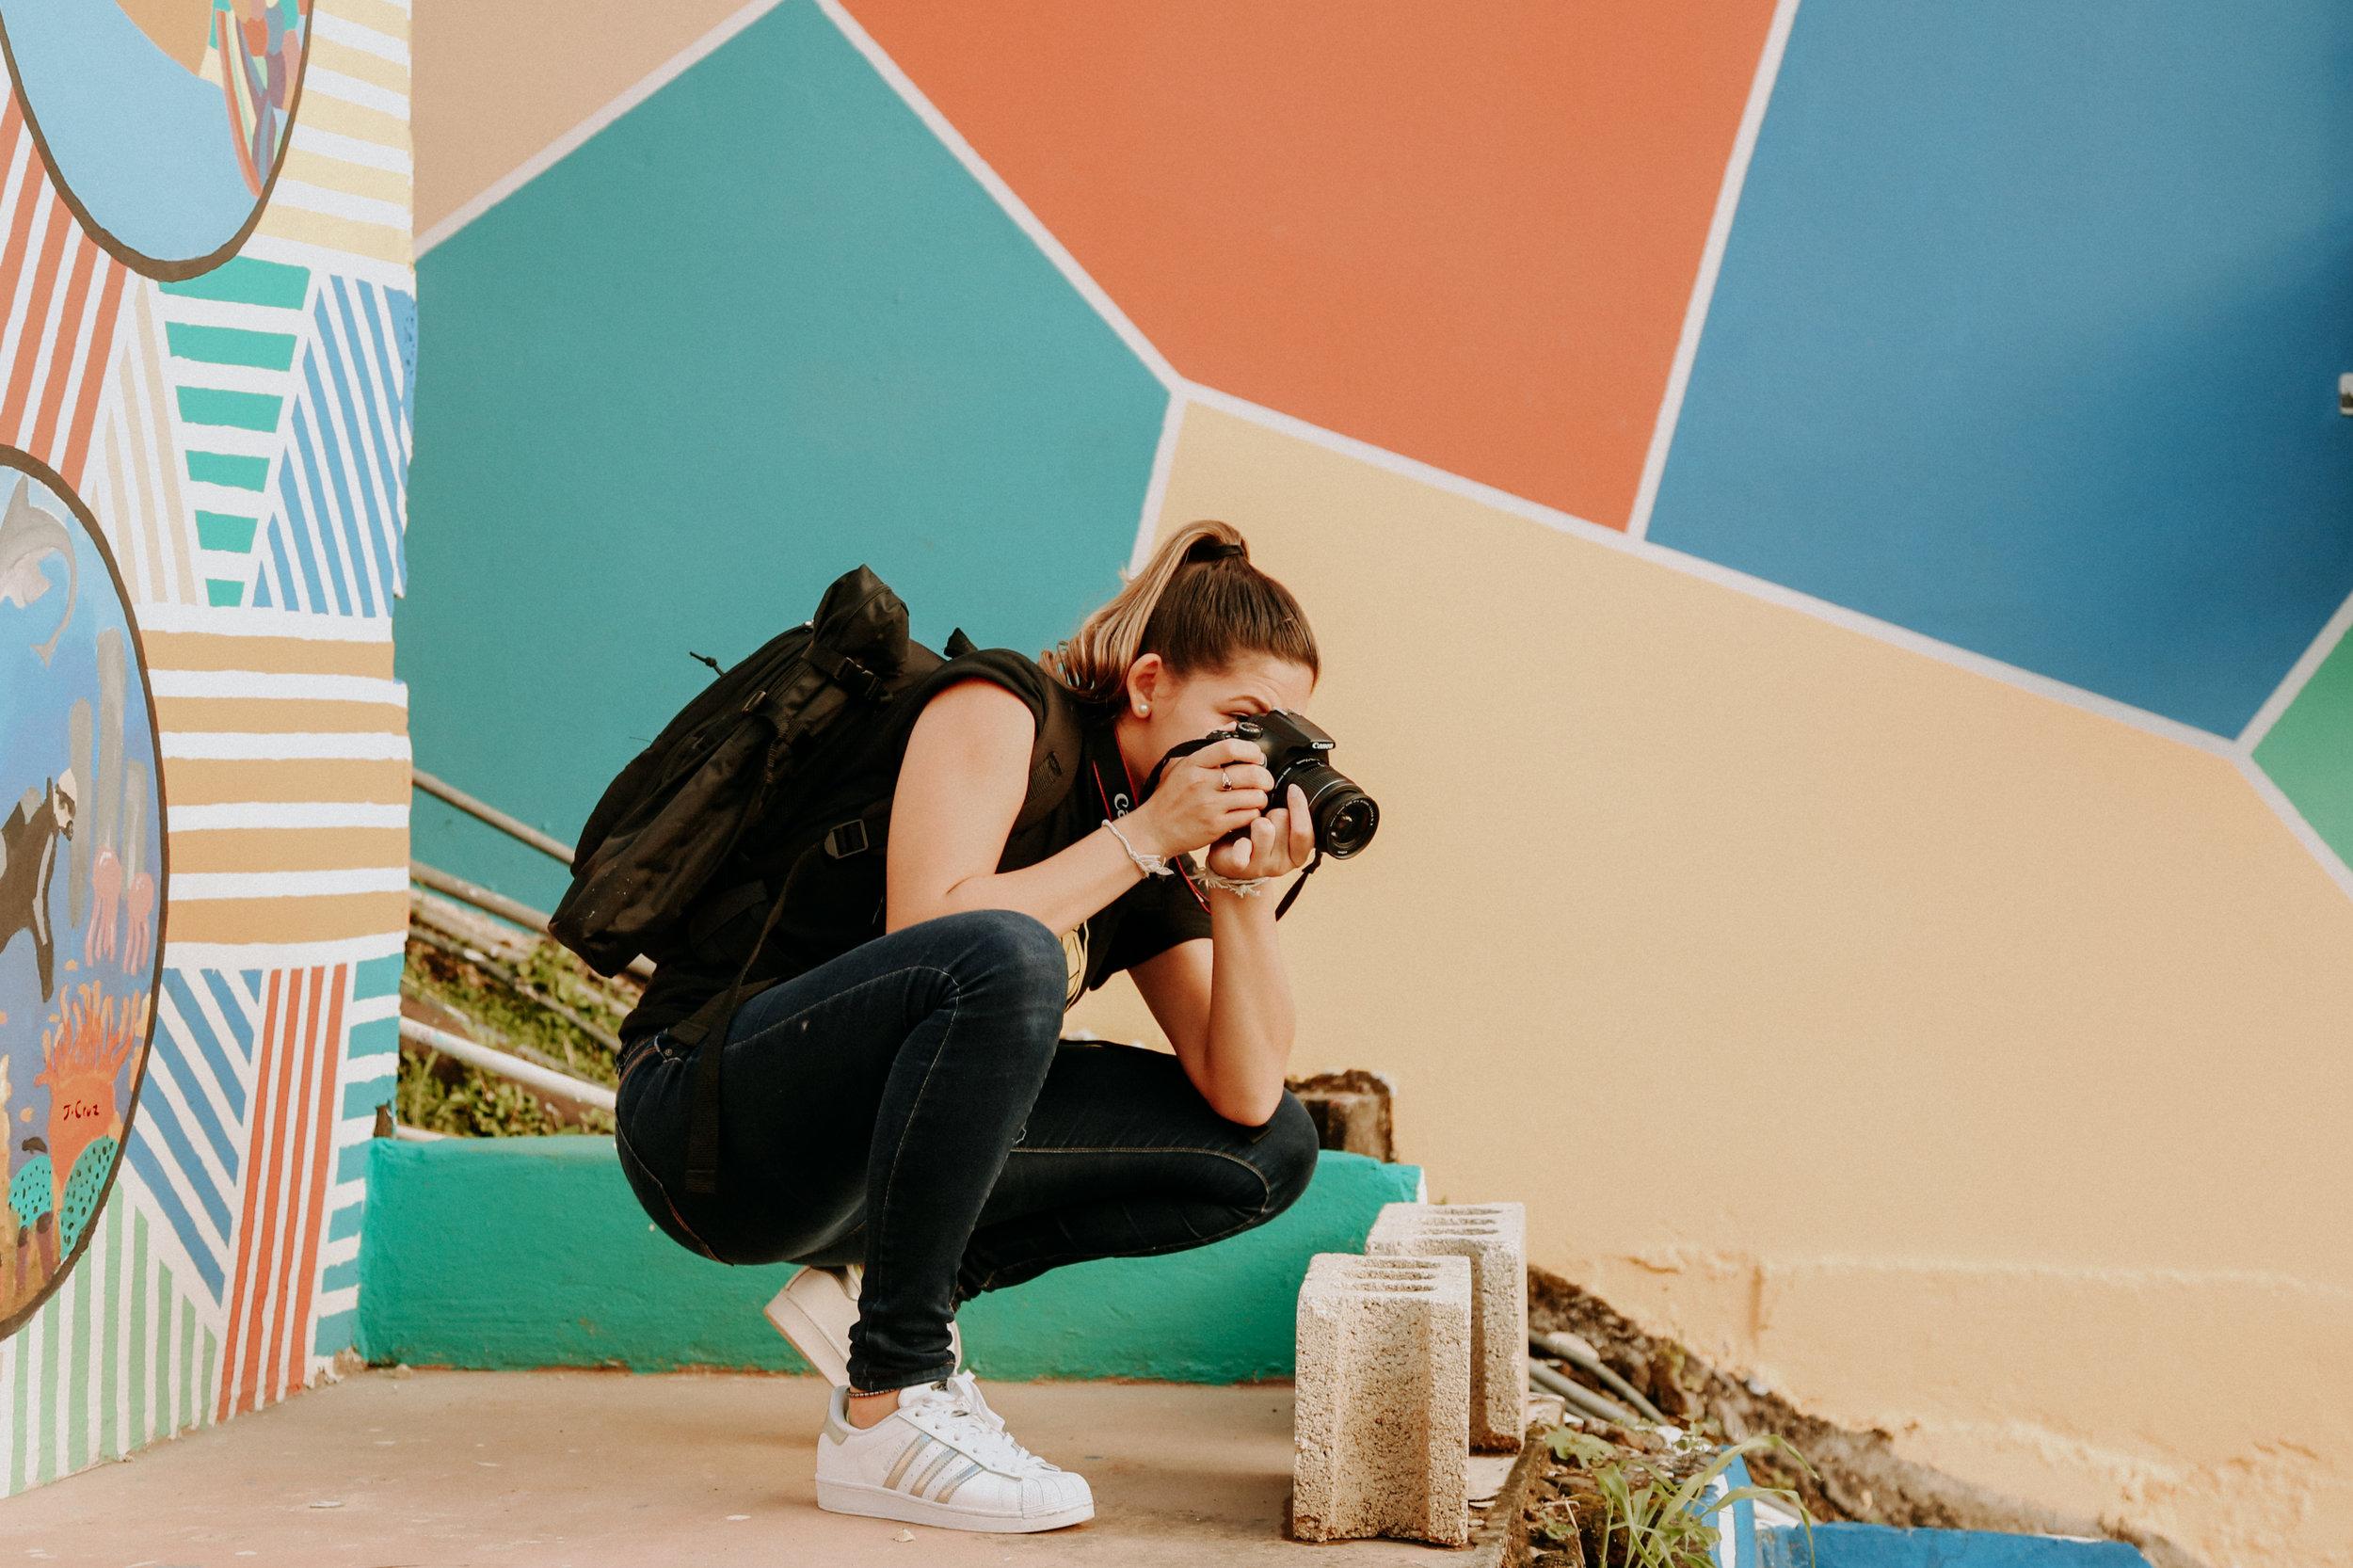 Curso Básico Fotografía $175 - Este curso es ideal para todo aquel que quiera aprender a usar su cámara correctamente en modo manual. El modo manual es uno de los modos necesarios para fotógrafos aficionados y profesionales.